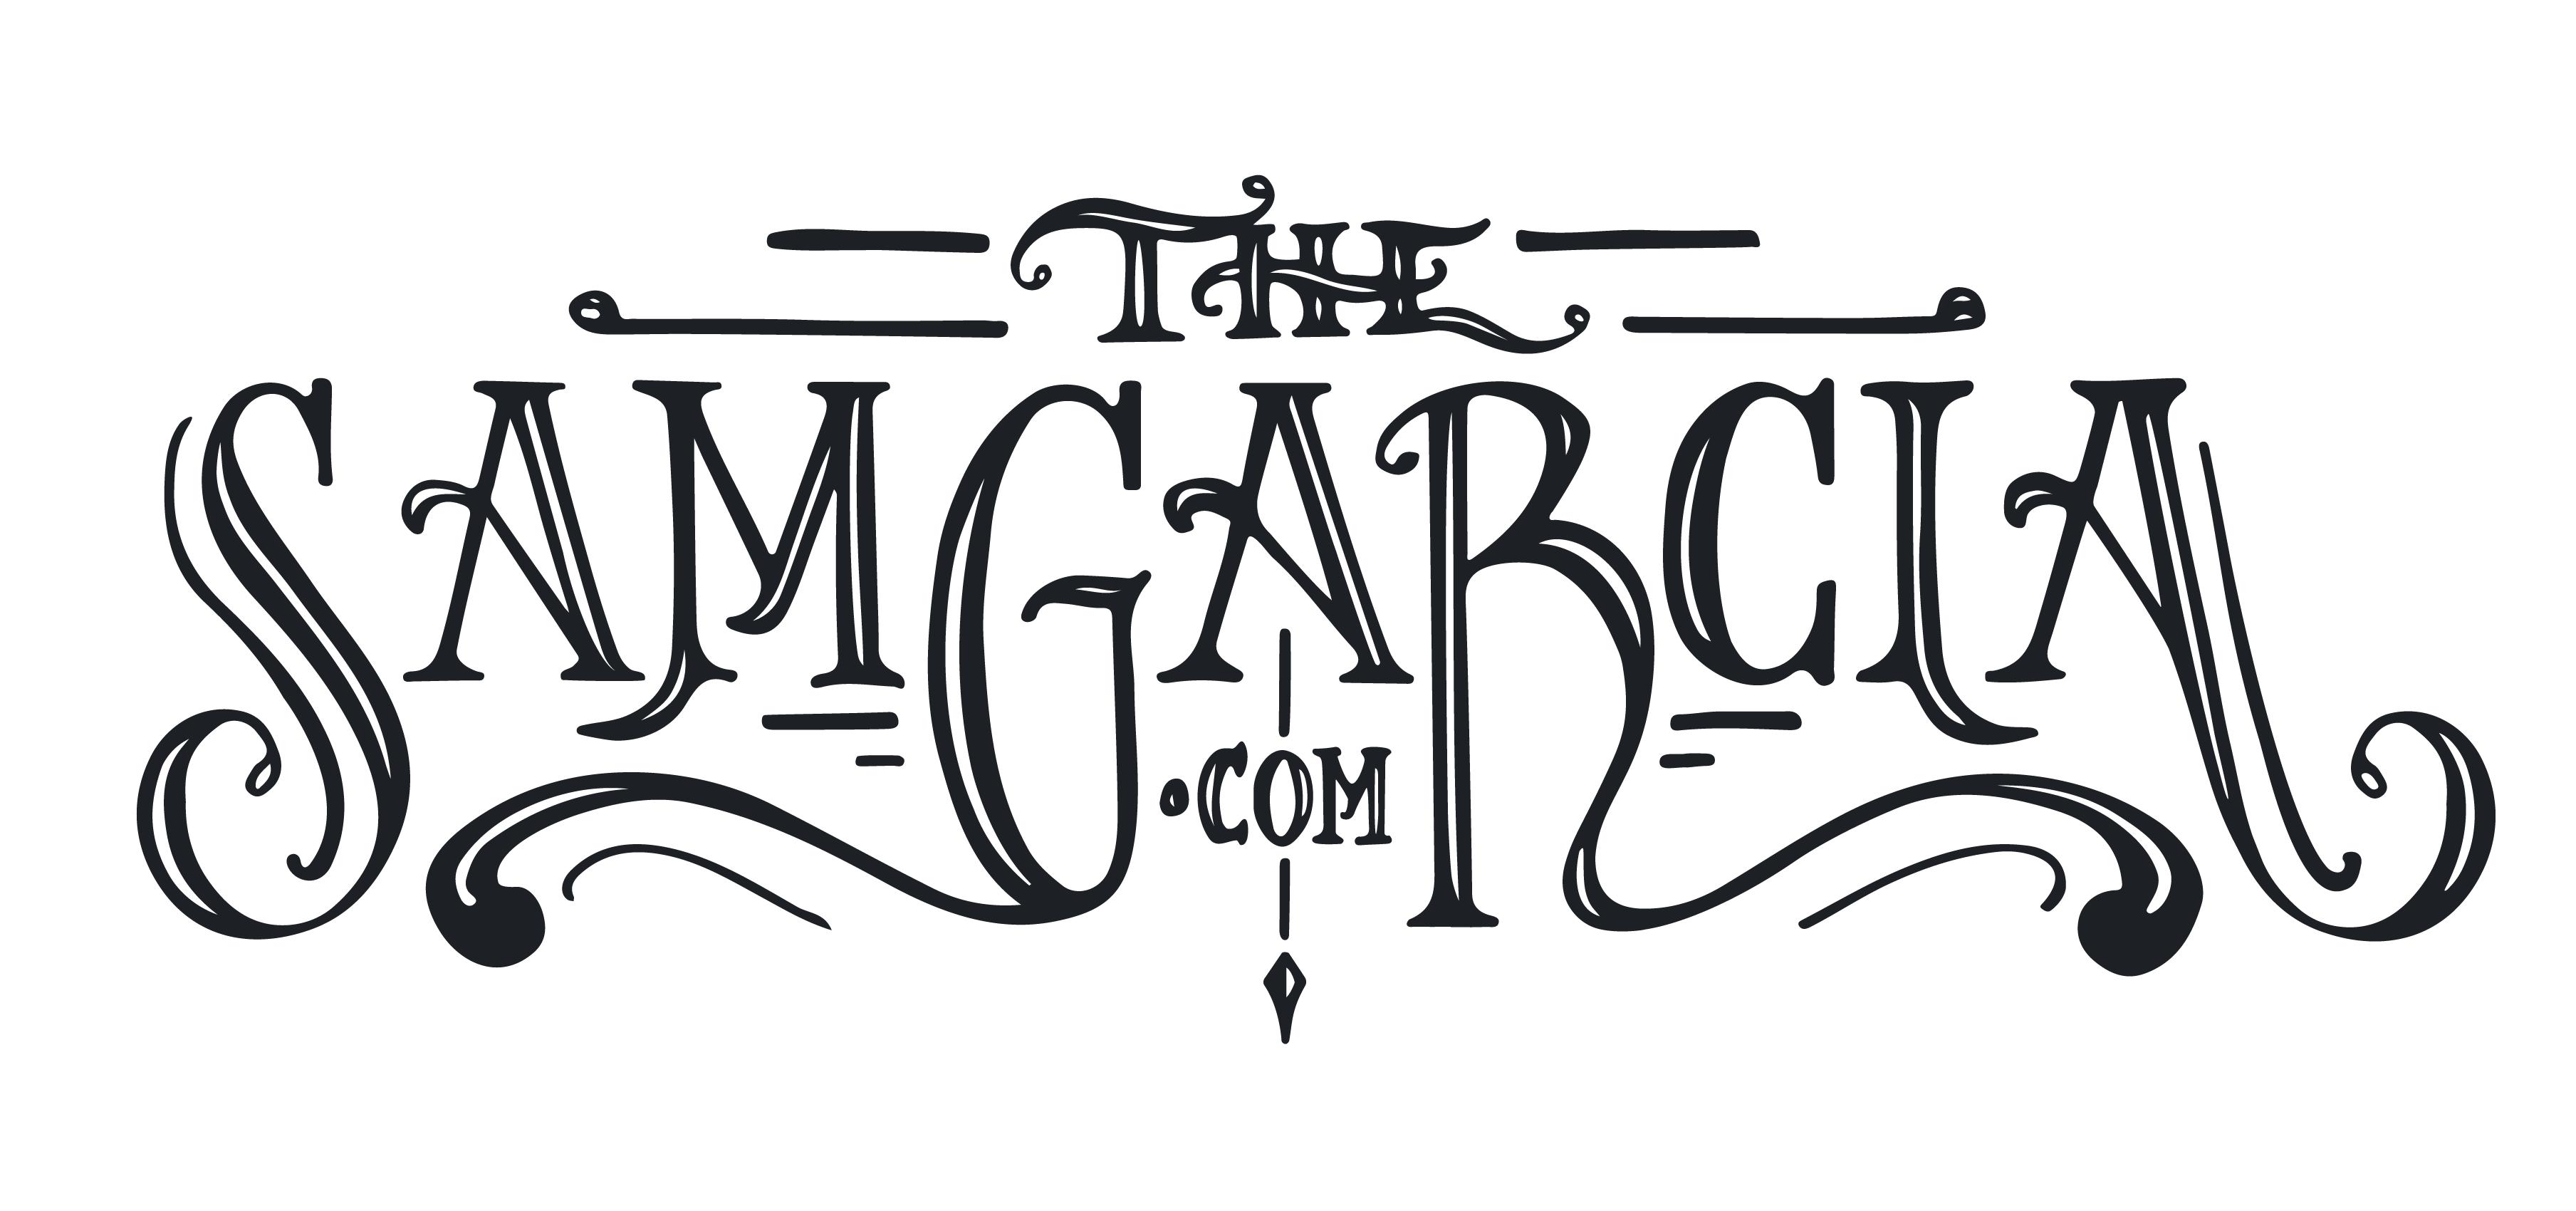 The Sam Garcia